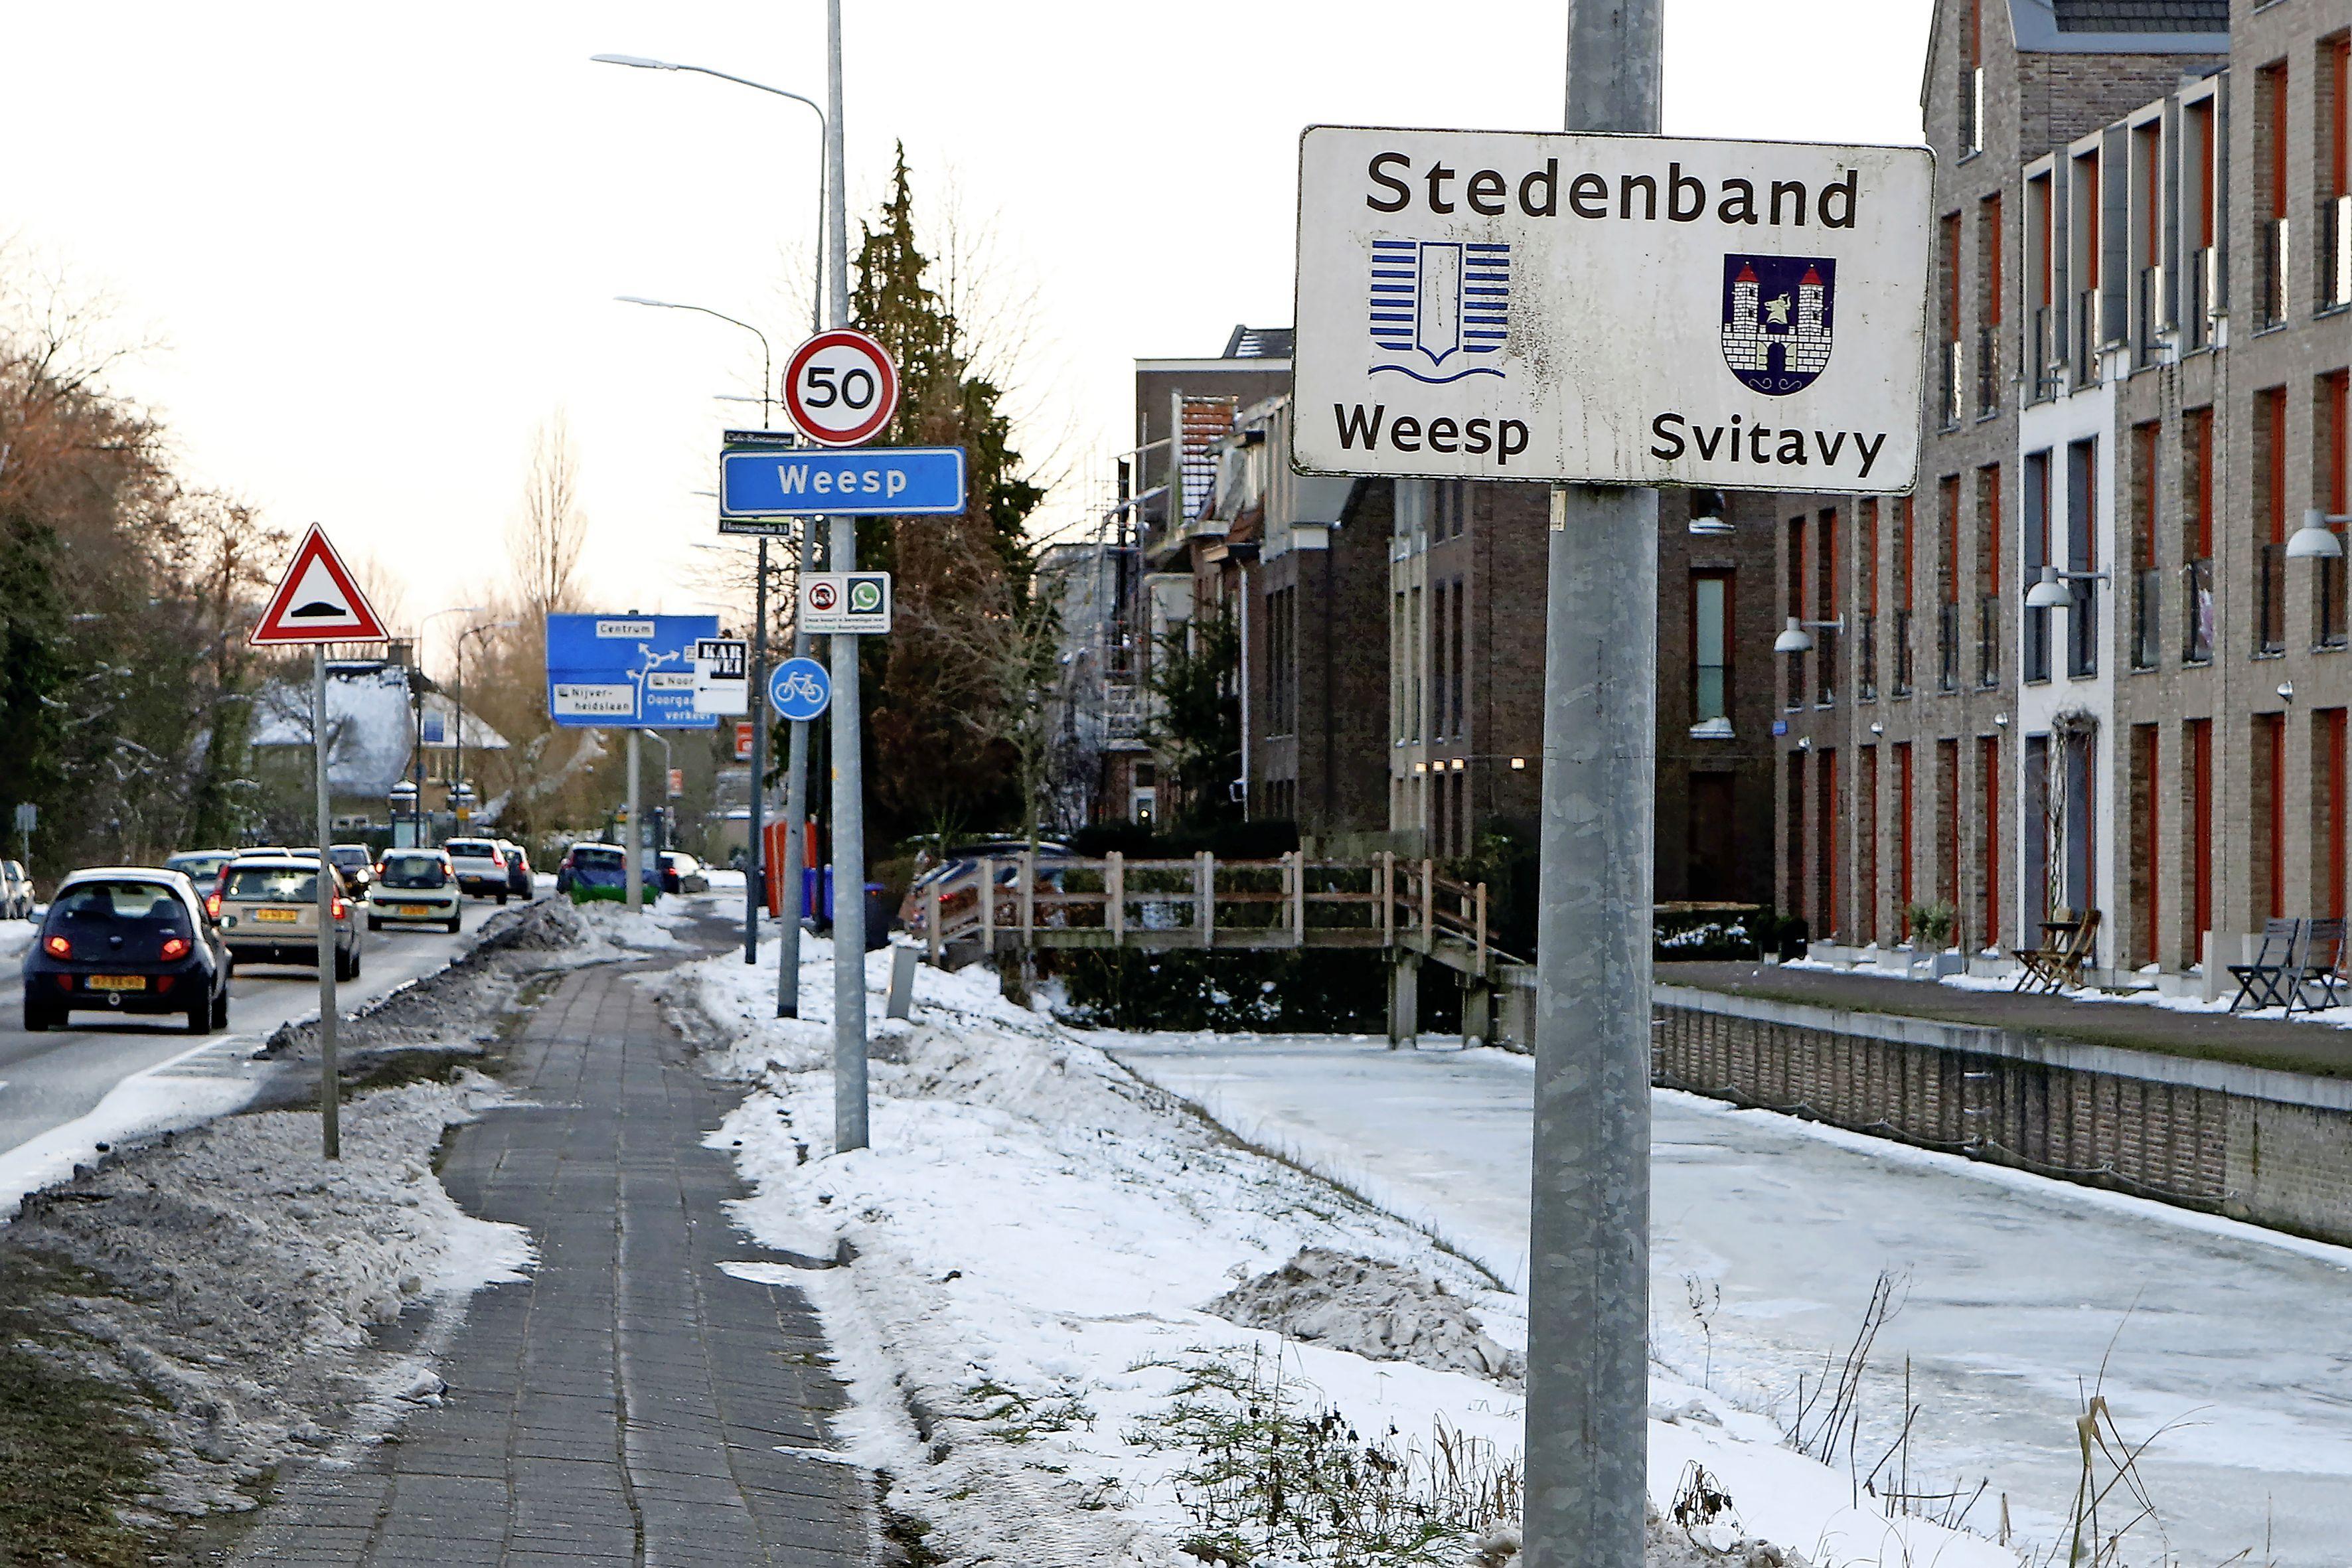 Stoffig imago nekt veel stedenbanden; maar de herinneringen worden gekoesterd: 'Ik werd ingehaald als een held'